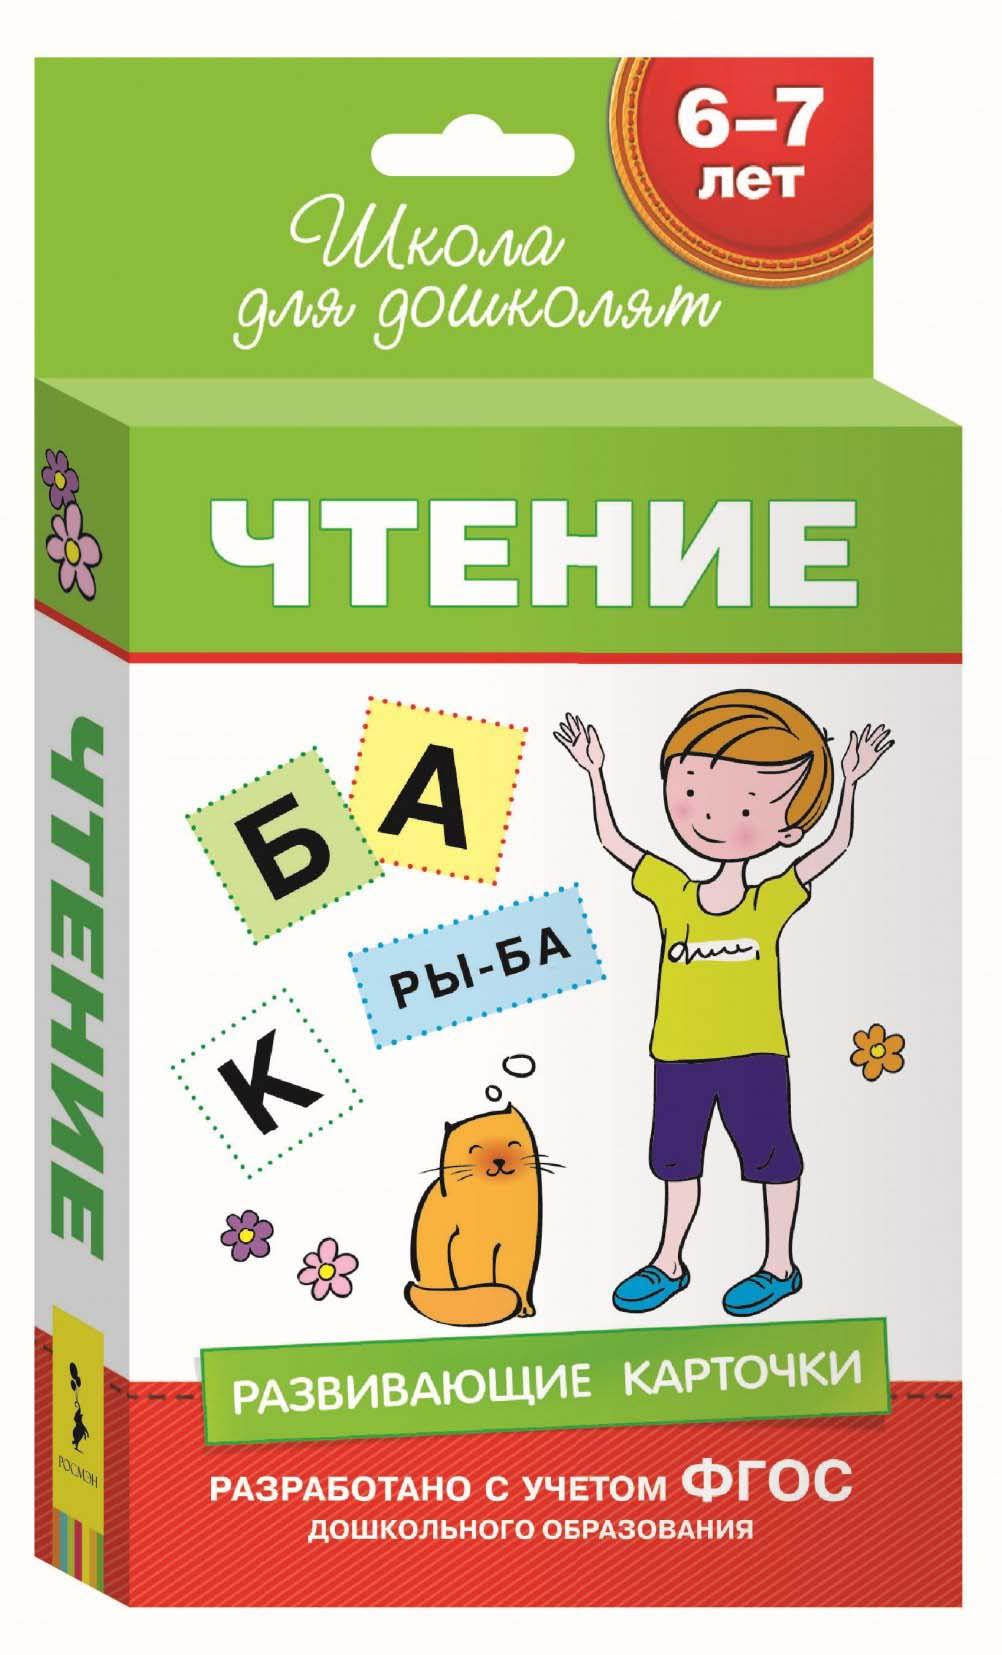 Развивающие карточки - Чтение 6-7 летРазвивающие пособия и умные карточки<br>Развивающие карточки - Чтение 6-7 лет<br>